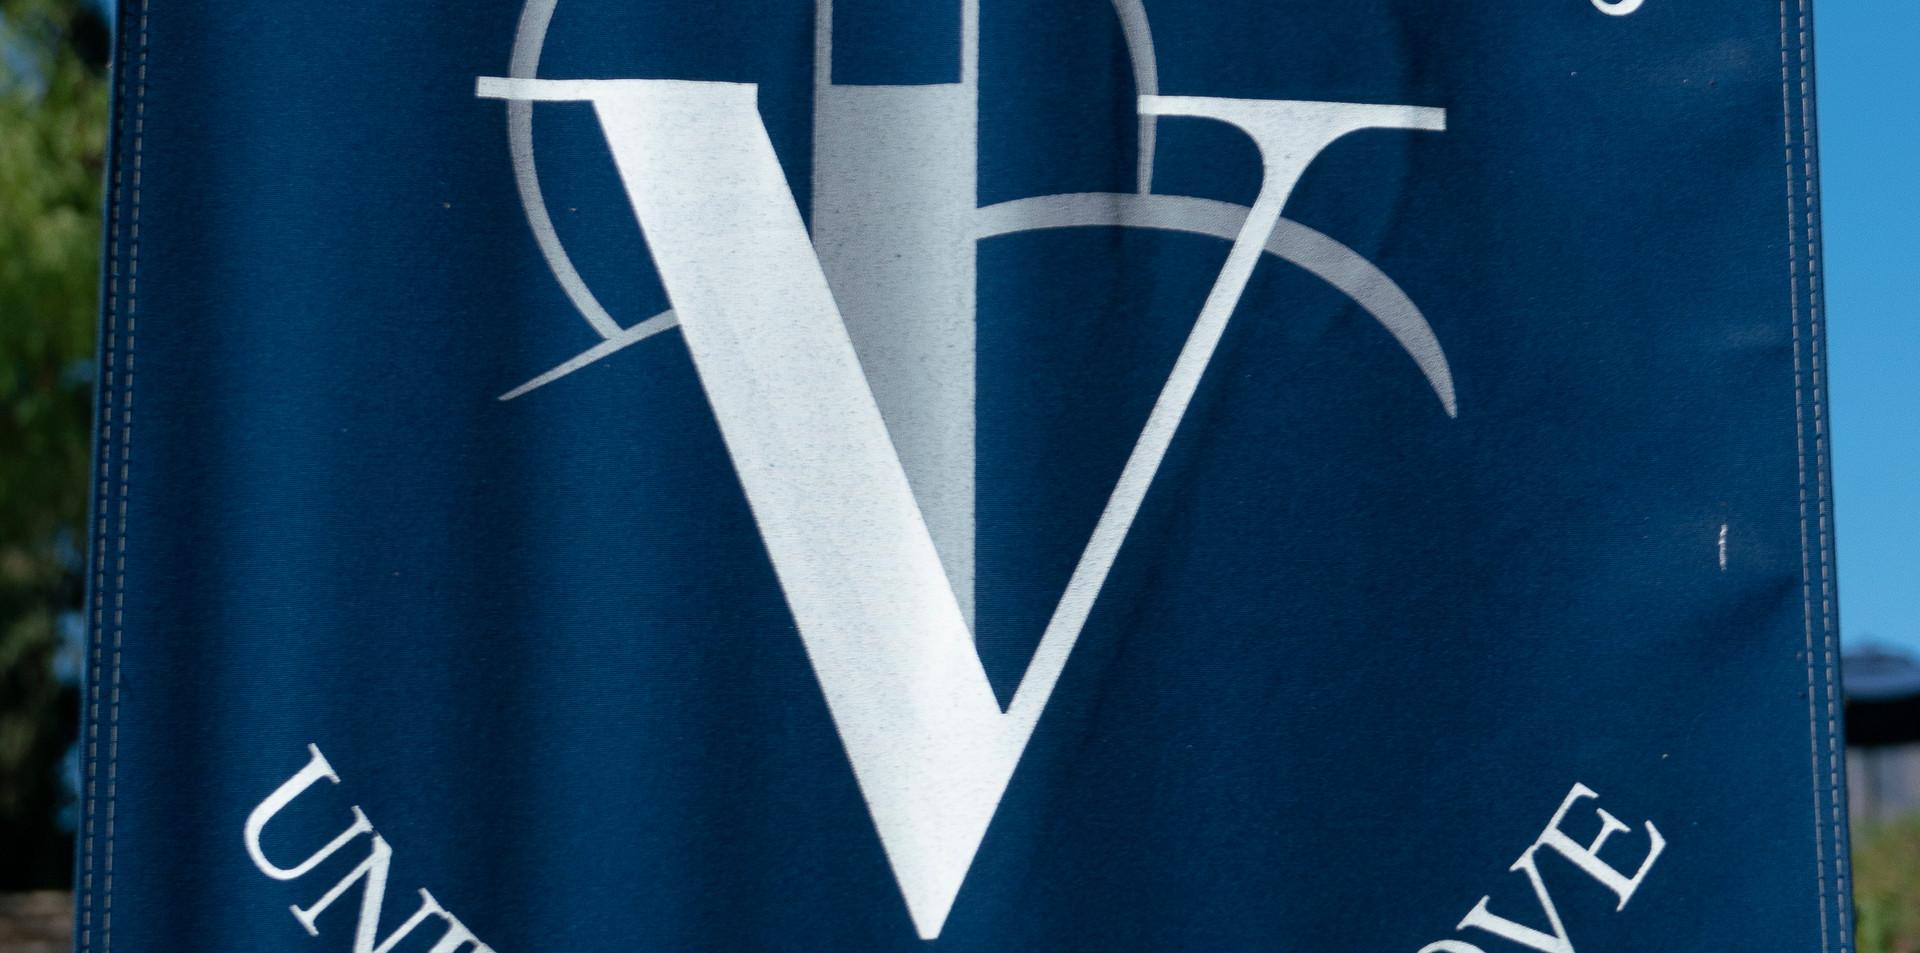 Villanova-8.JPG